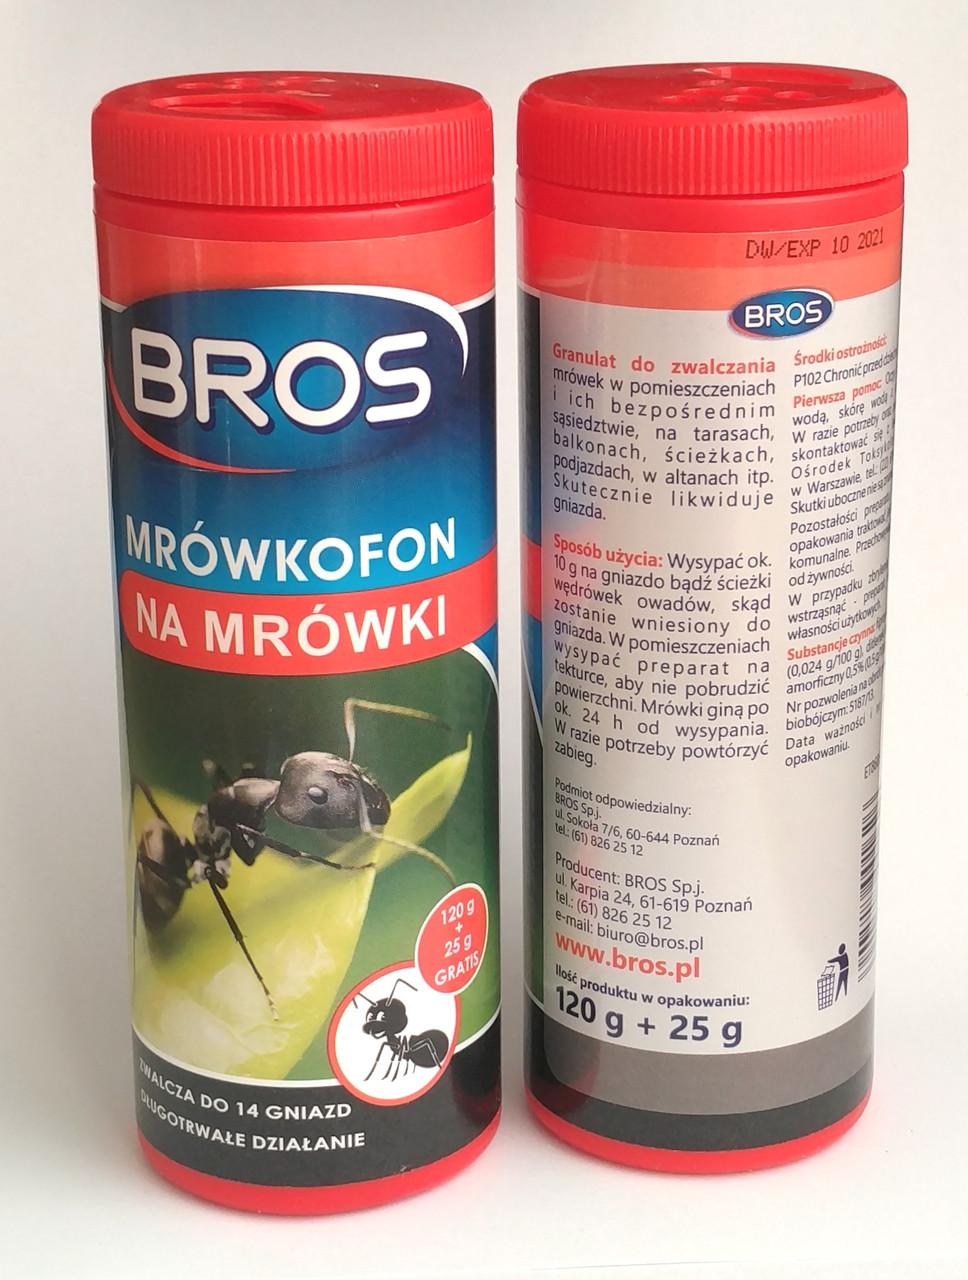 Брос средство от муравьев BROS 145 грамм, Польша